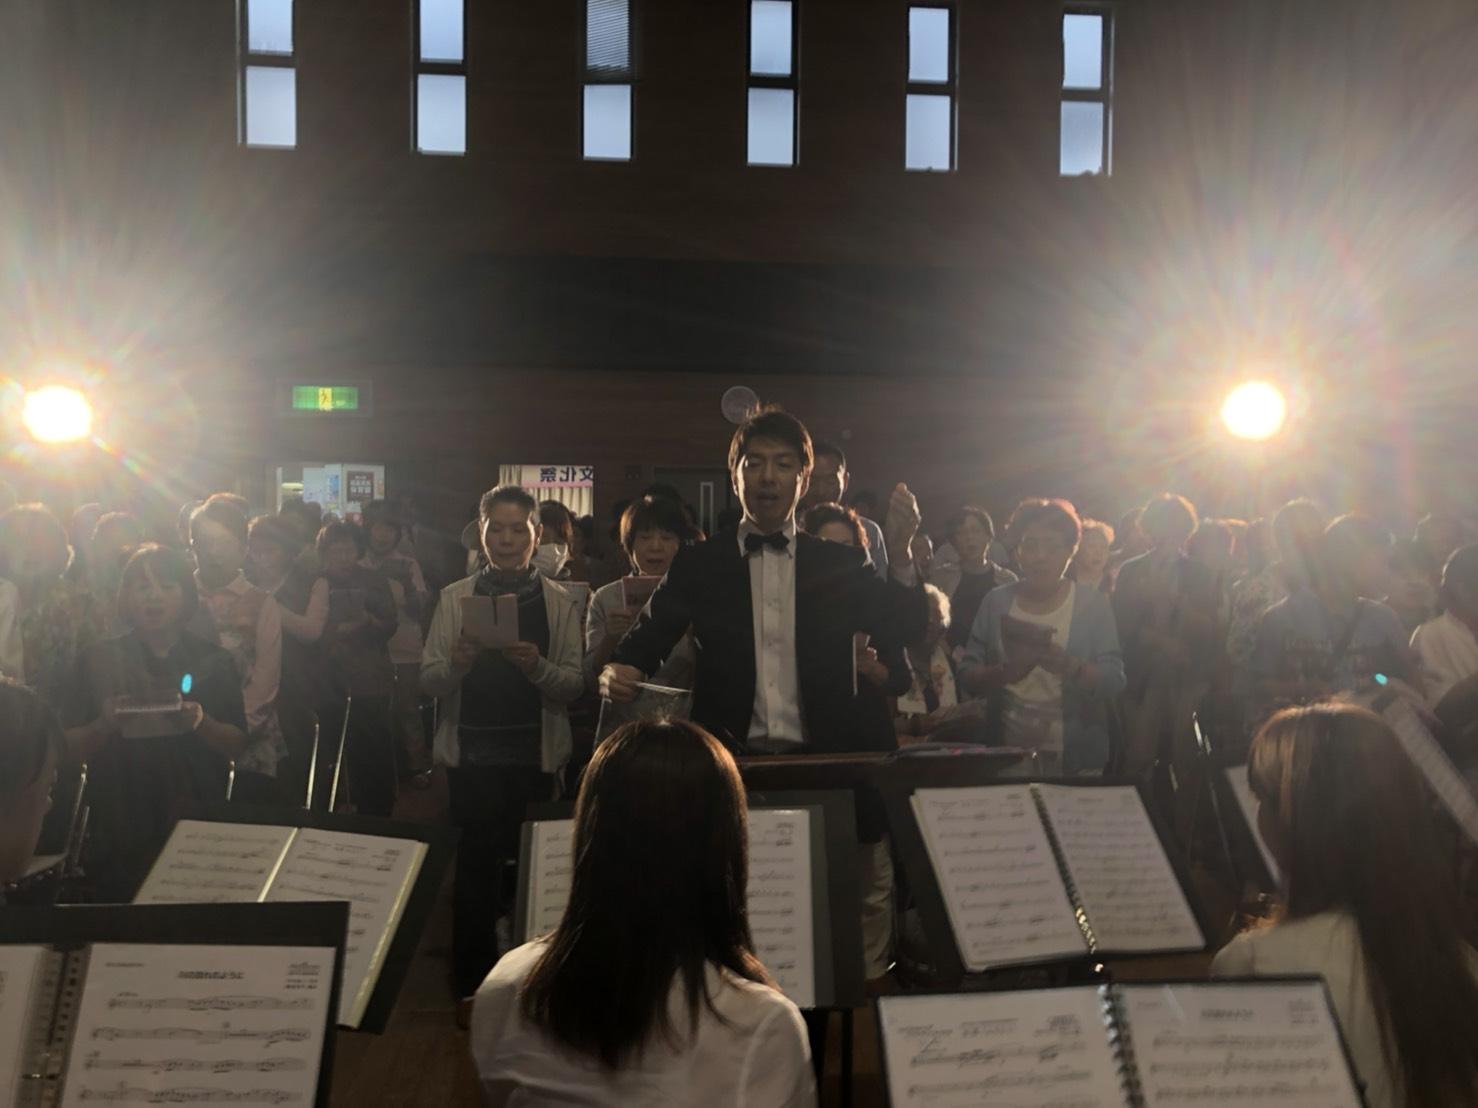 コンサートの最後はお客様とともに「故郷」を大合唱。会場が音楽に包まれ、感動的なフィナーレとなりました。